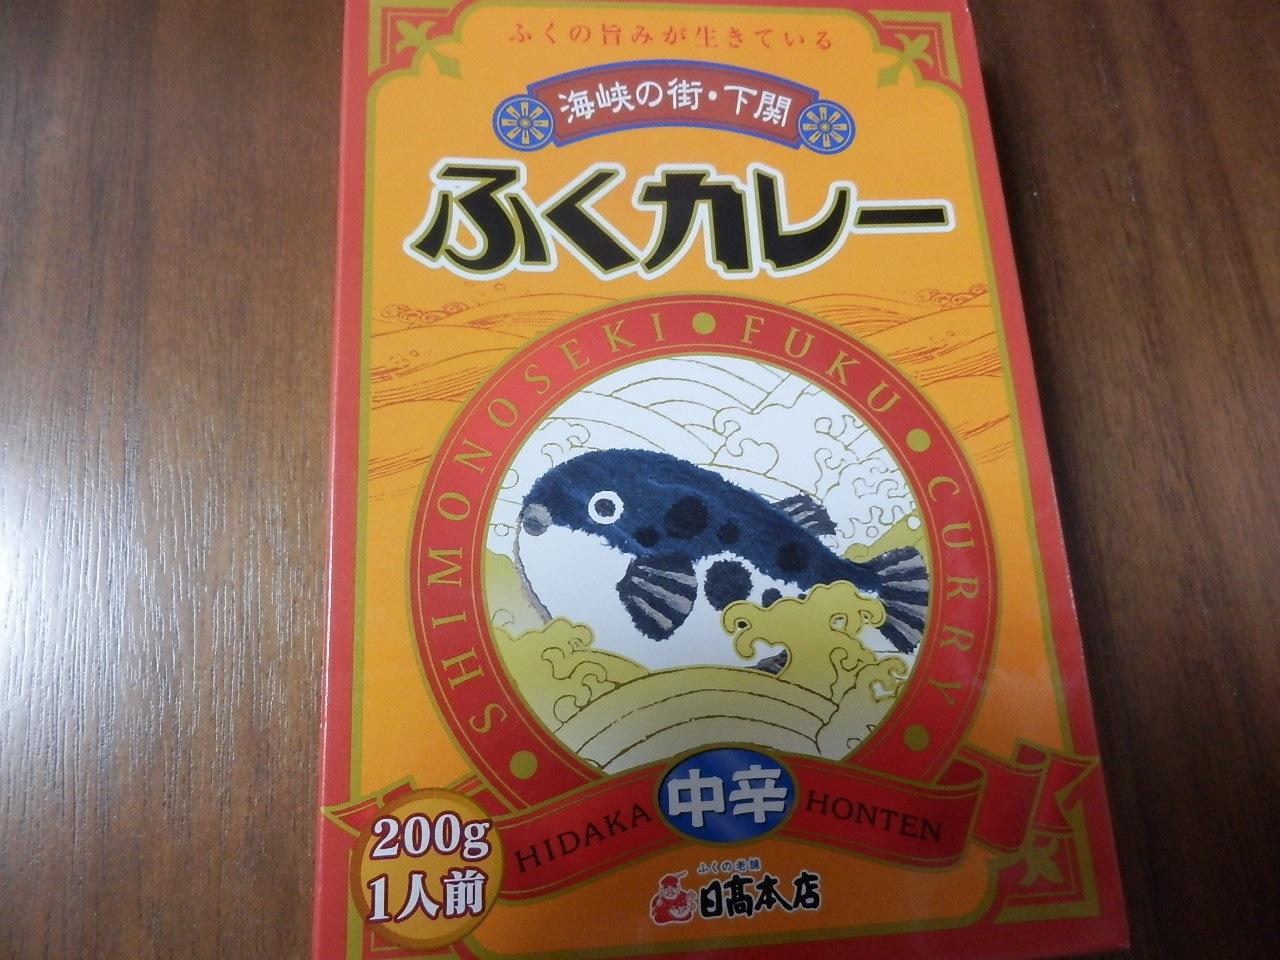 http://curry.tokyo-review.com/image4/P9121484.JPG